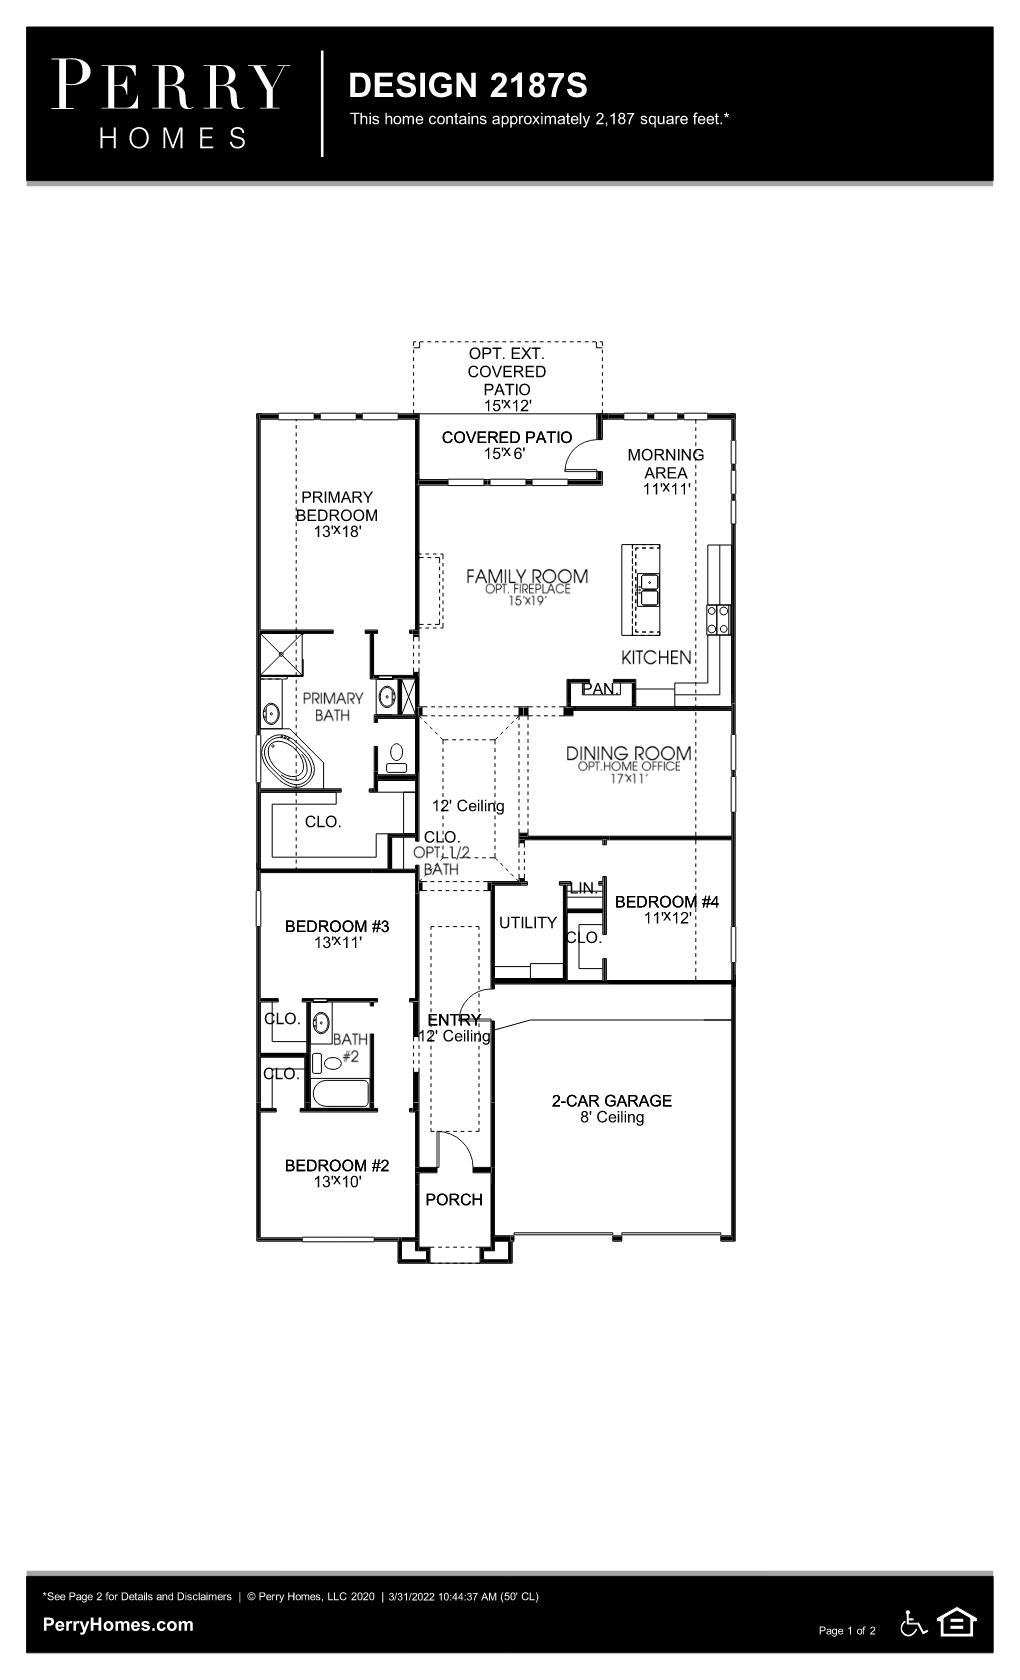 Floor Plan for 2187S